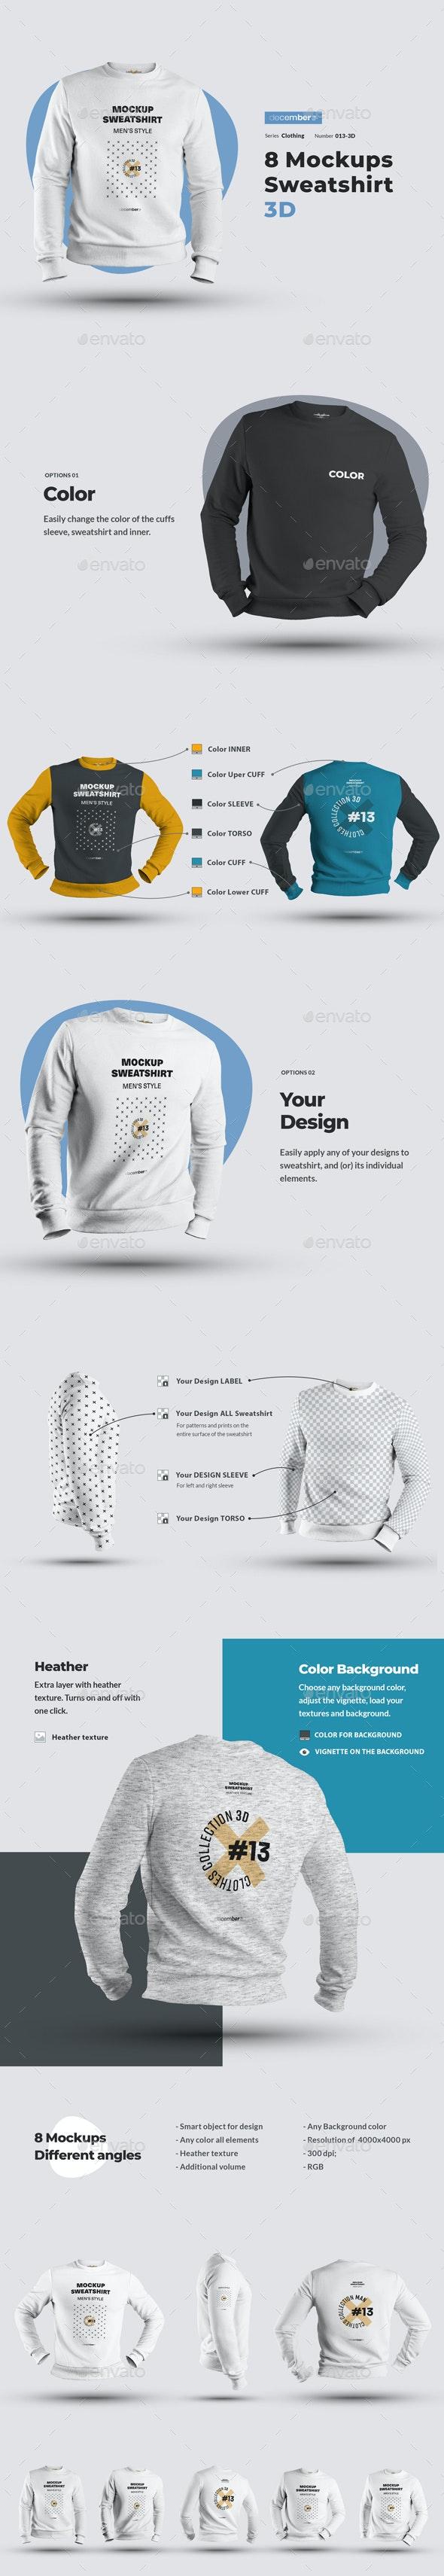 8 Mockups Mens 3D Sweatshirt - Apparel Product Mock-Ups